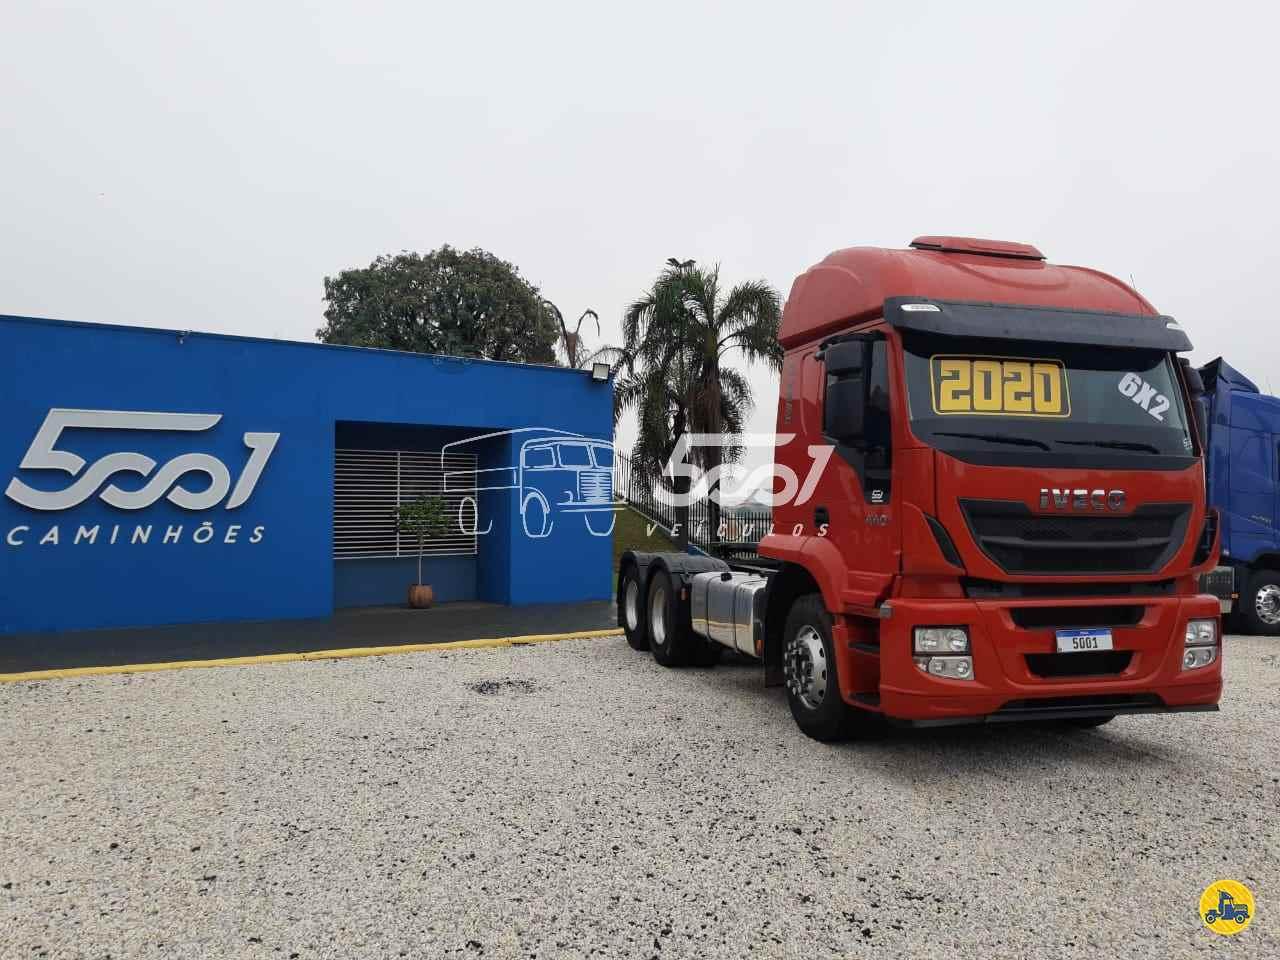 CAMINHAO IVECO STRALIS 440 Cavalo Mecânico Truck 6x2 5001 Veículos - Ponta Grossa PONTA GROSSA PARANÁ PR